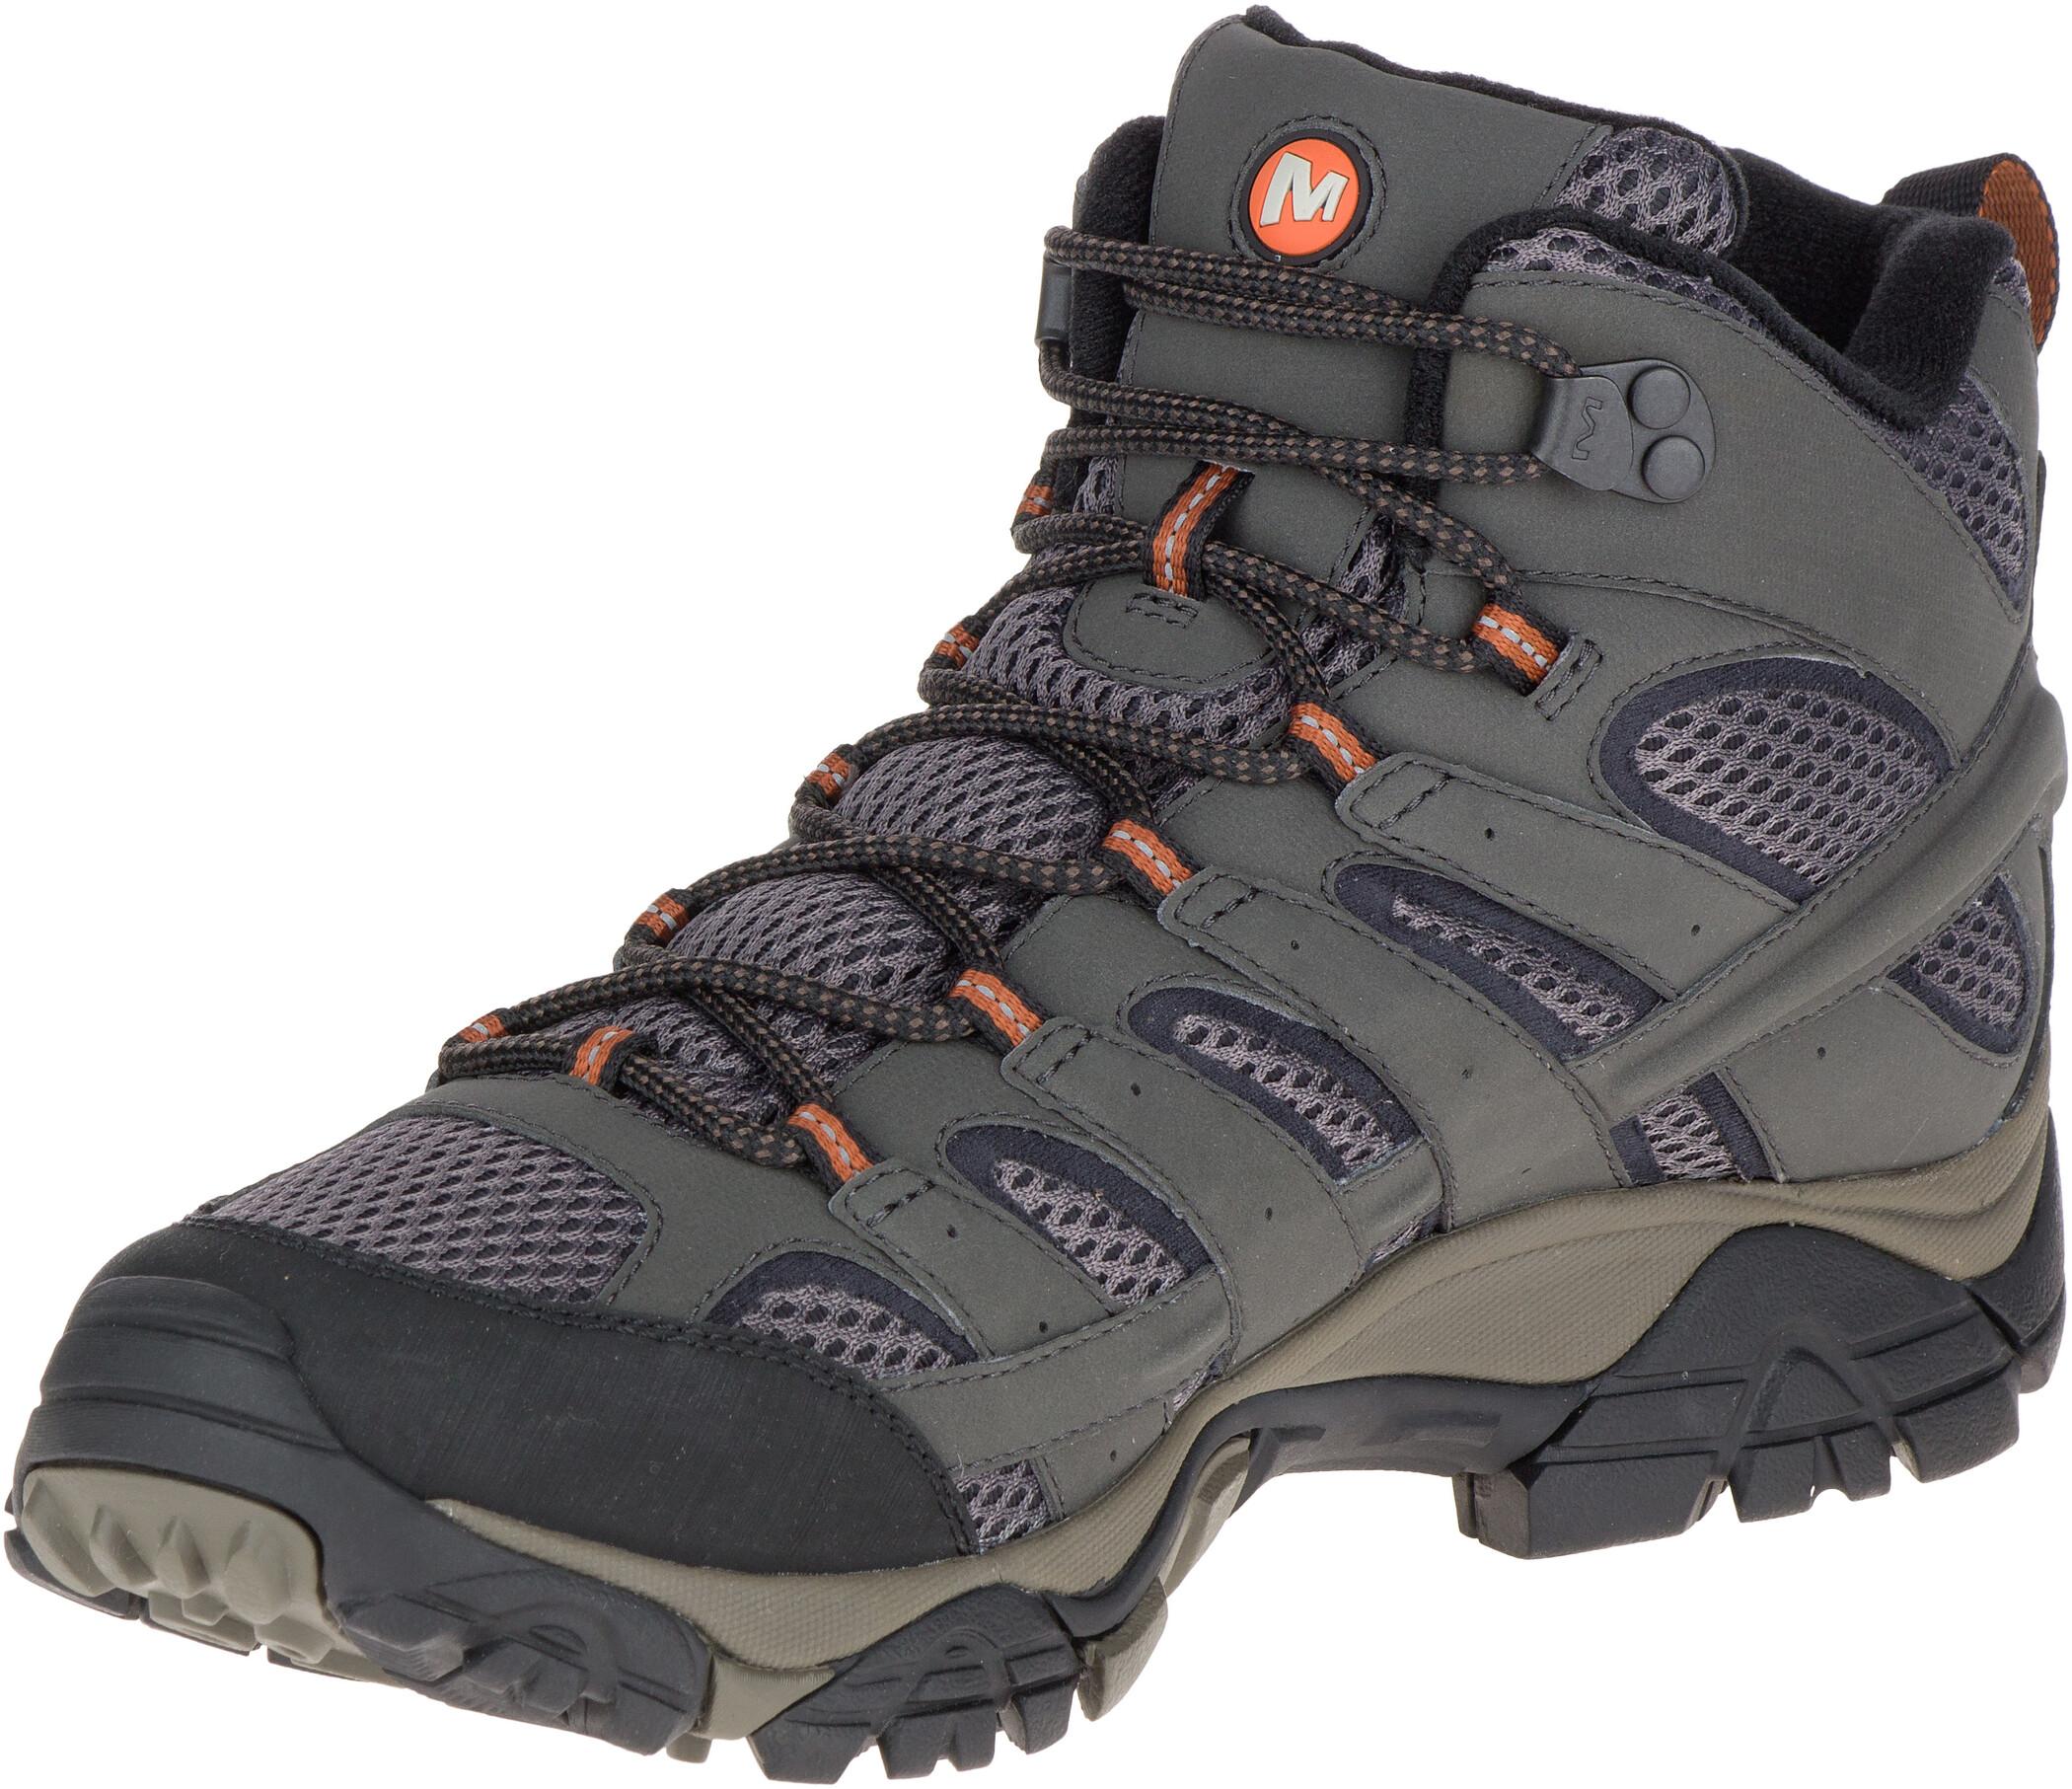 Merrell Moab 2 GTX Mid Cut Schuhe Herren beluga